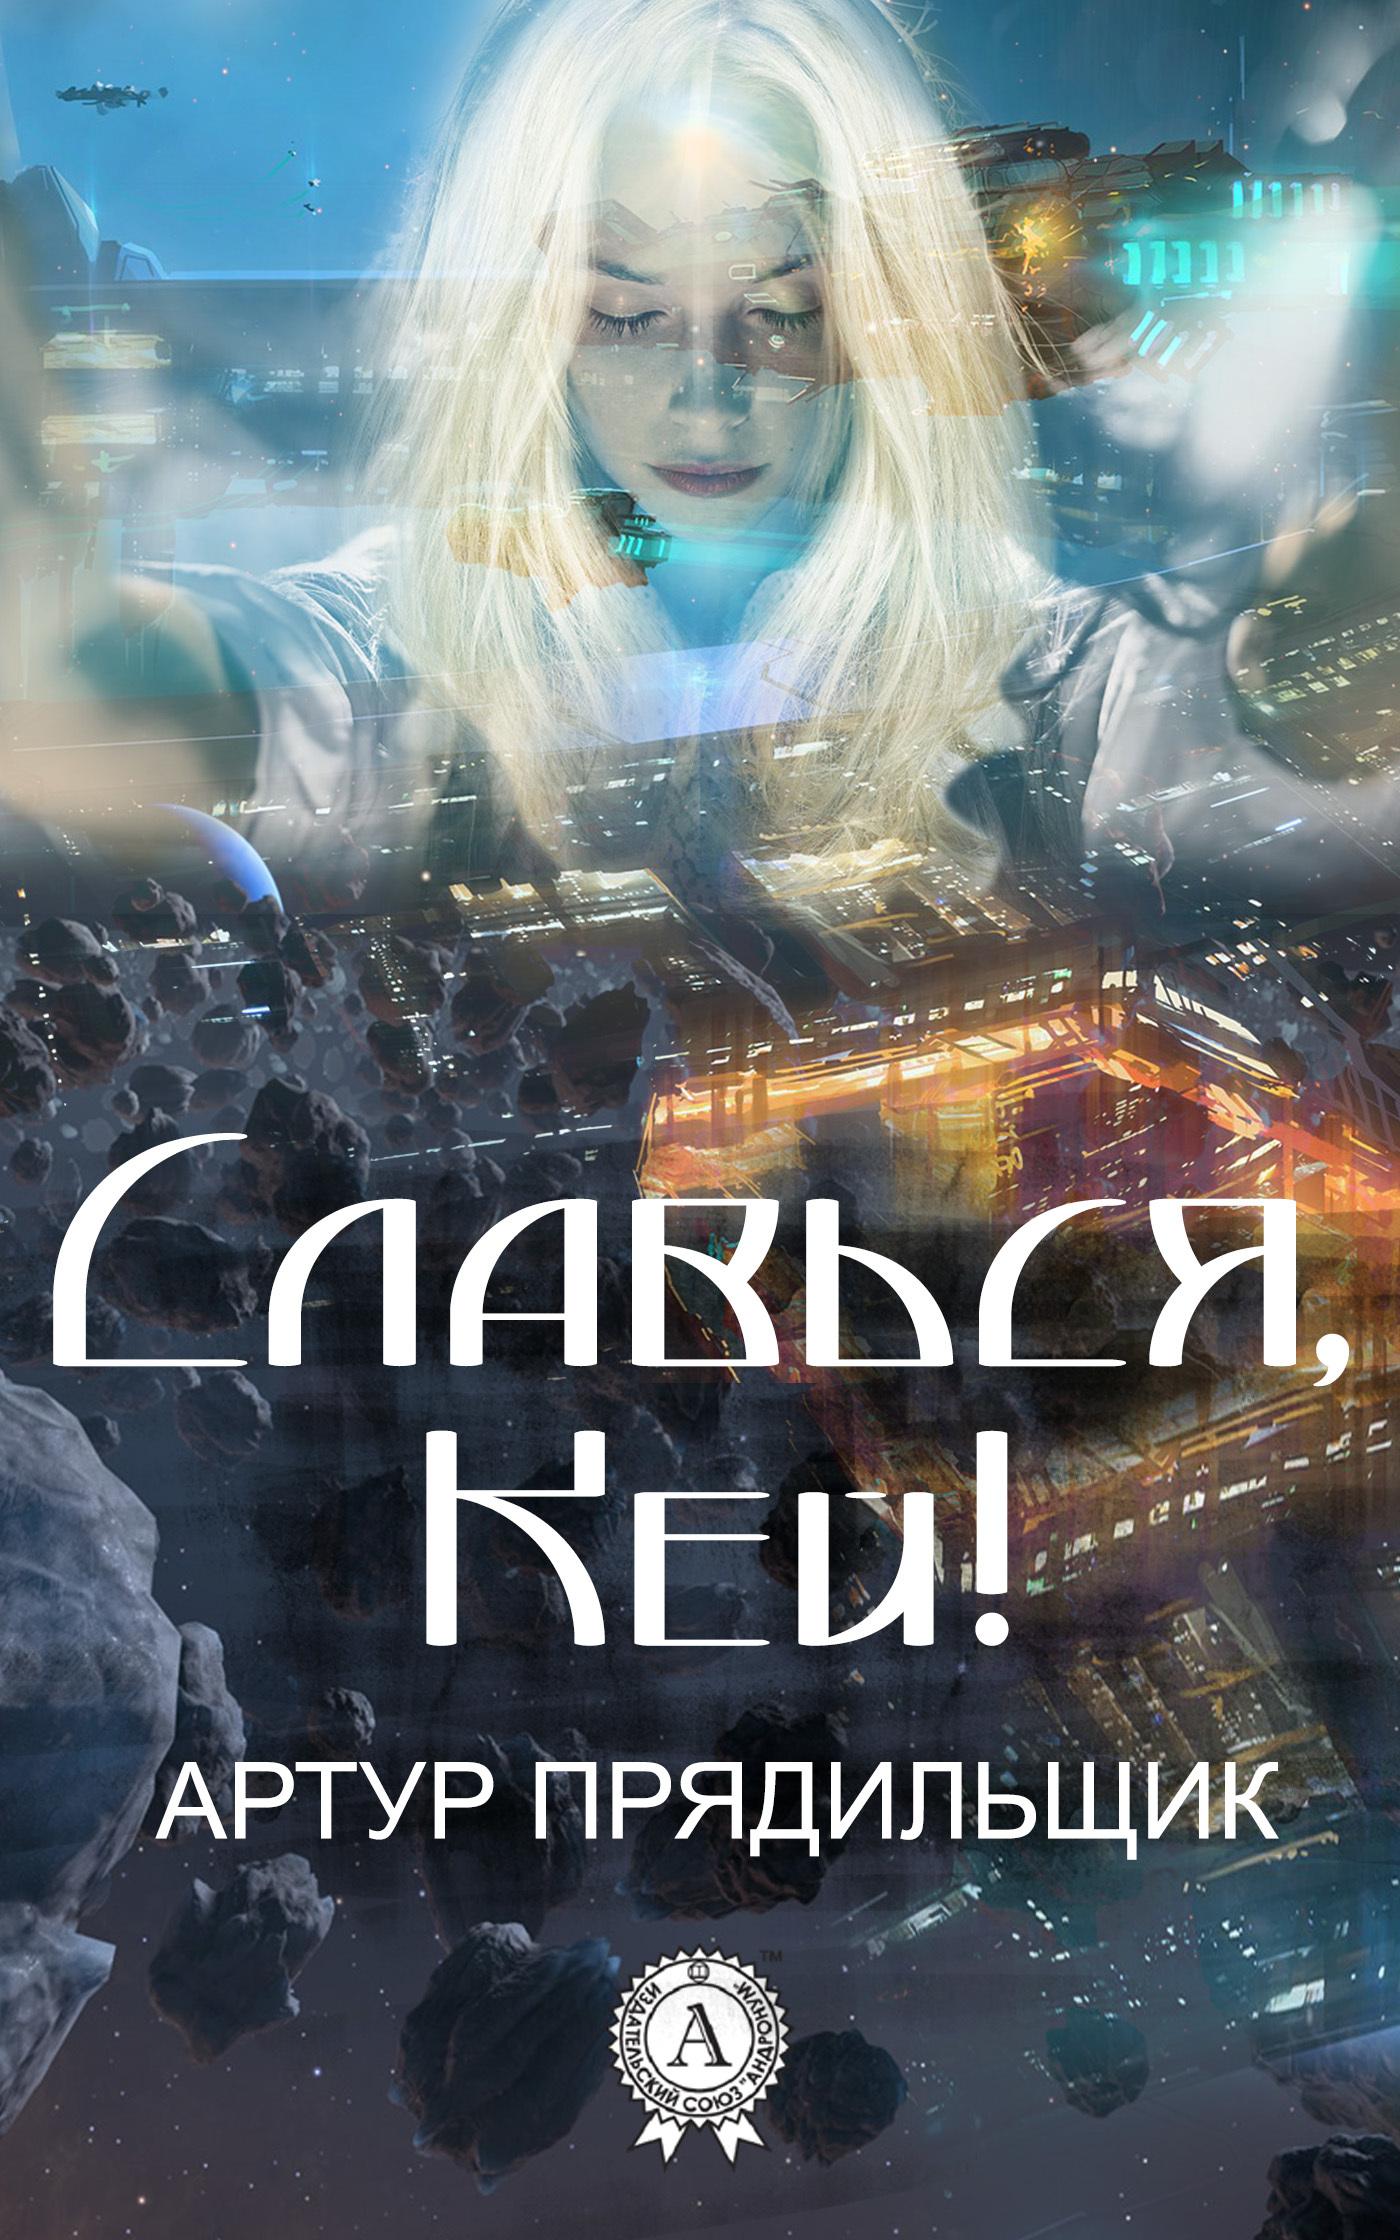 Обложка книги Славься, Кей!, автор Прядильщик, Артур